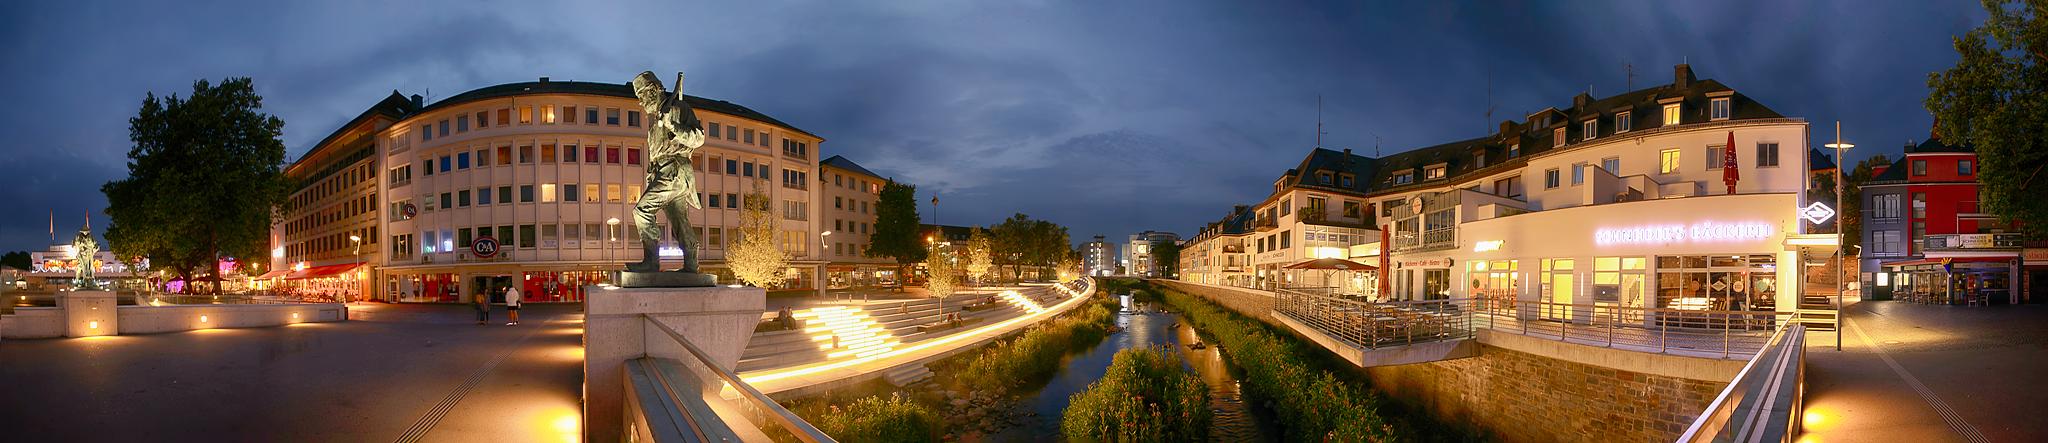 Siegen neues siegufer am abend foto bild panorama architektur siegen bilder auf - Architektur siegen ...